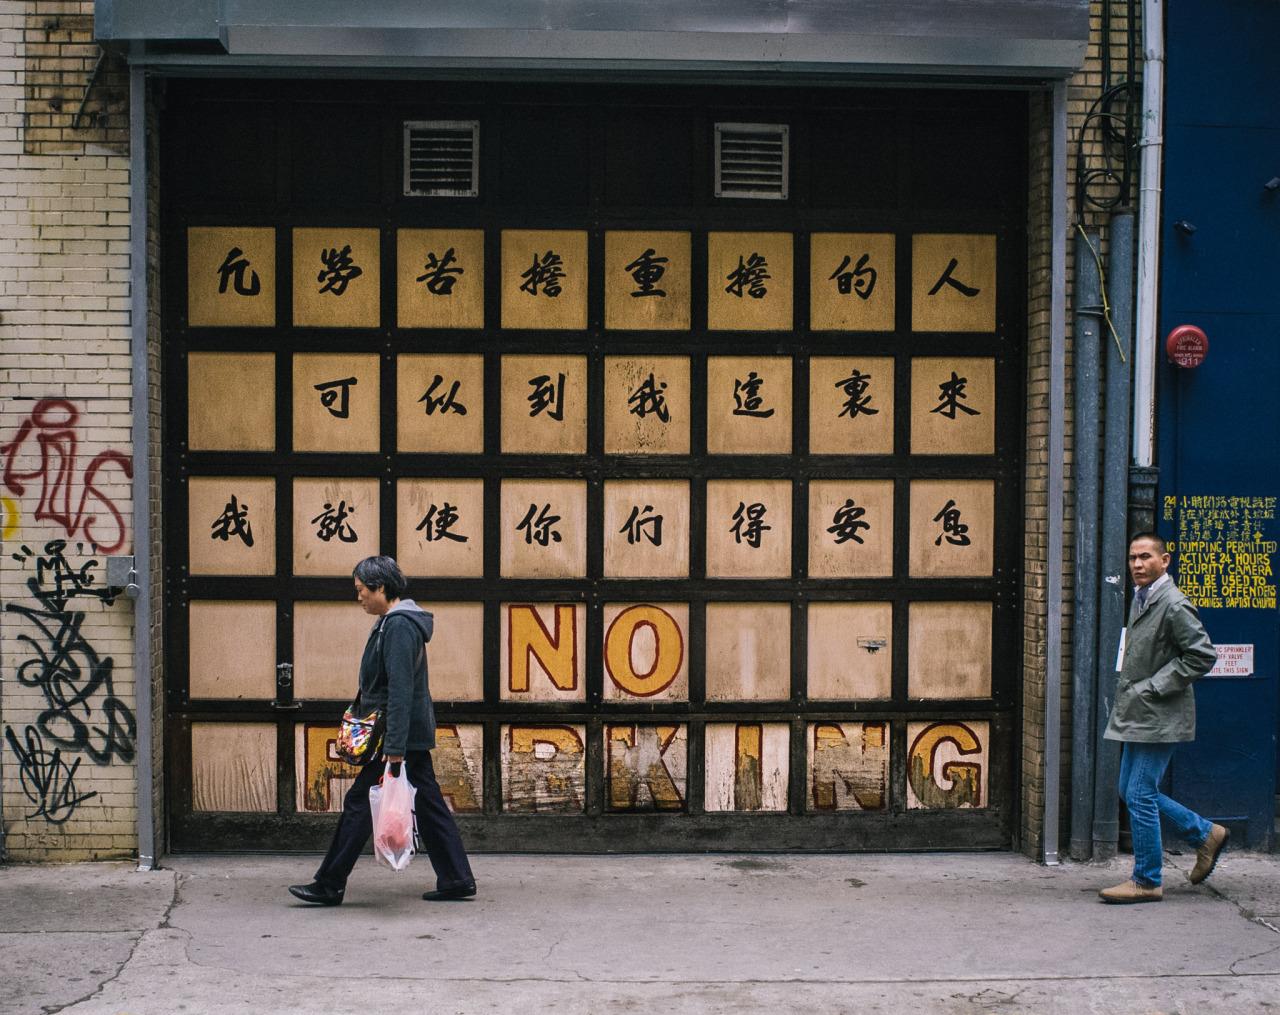 103. No Parking    www.willoharephotography.com